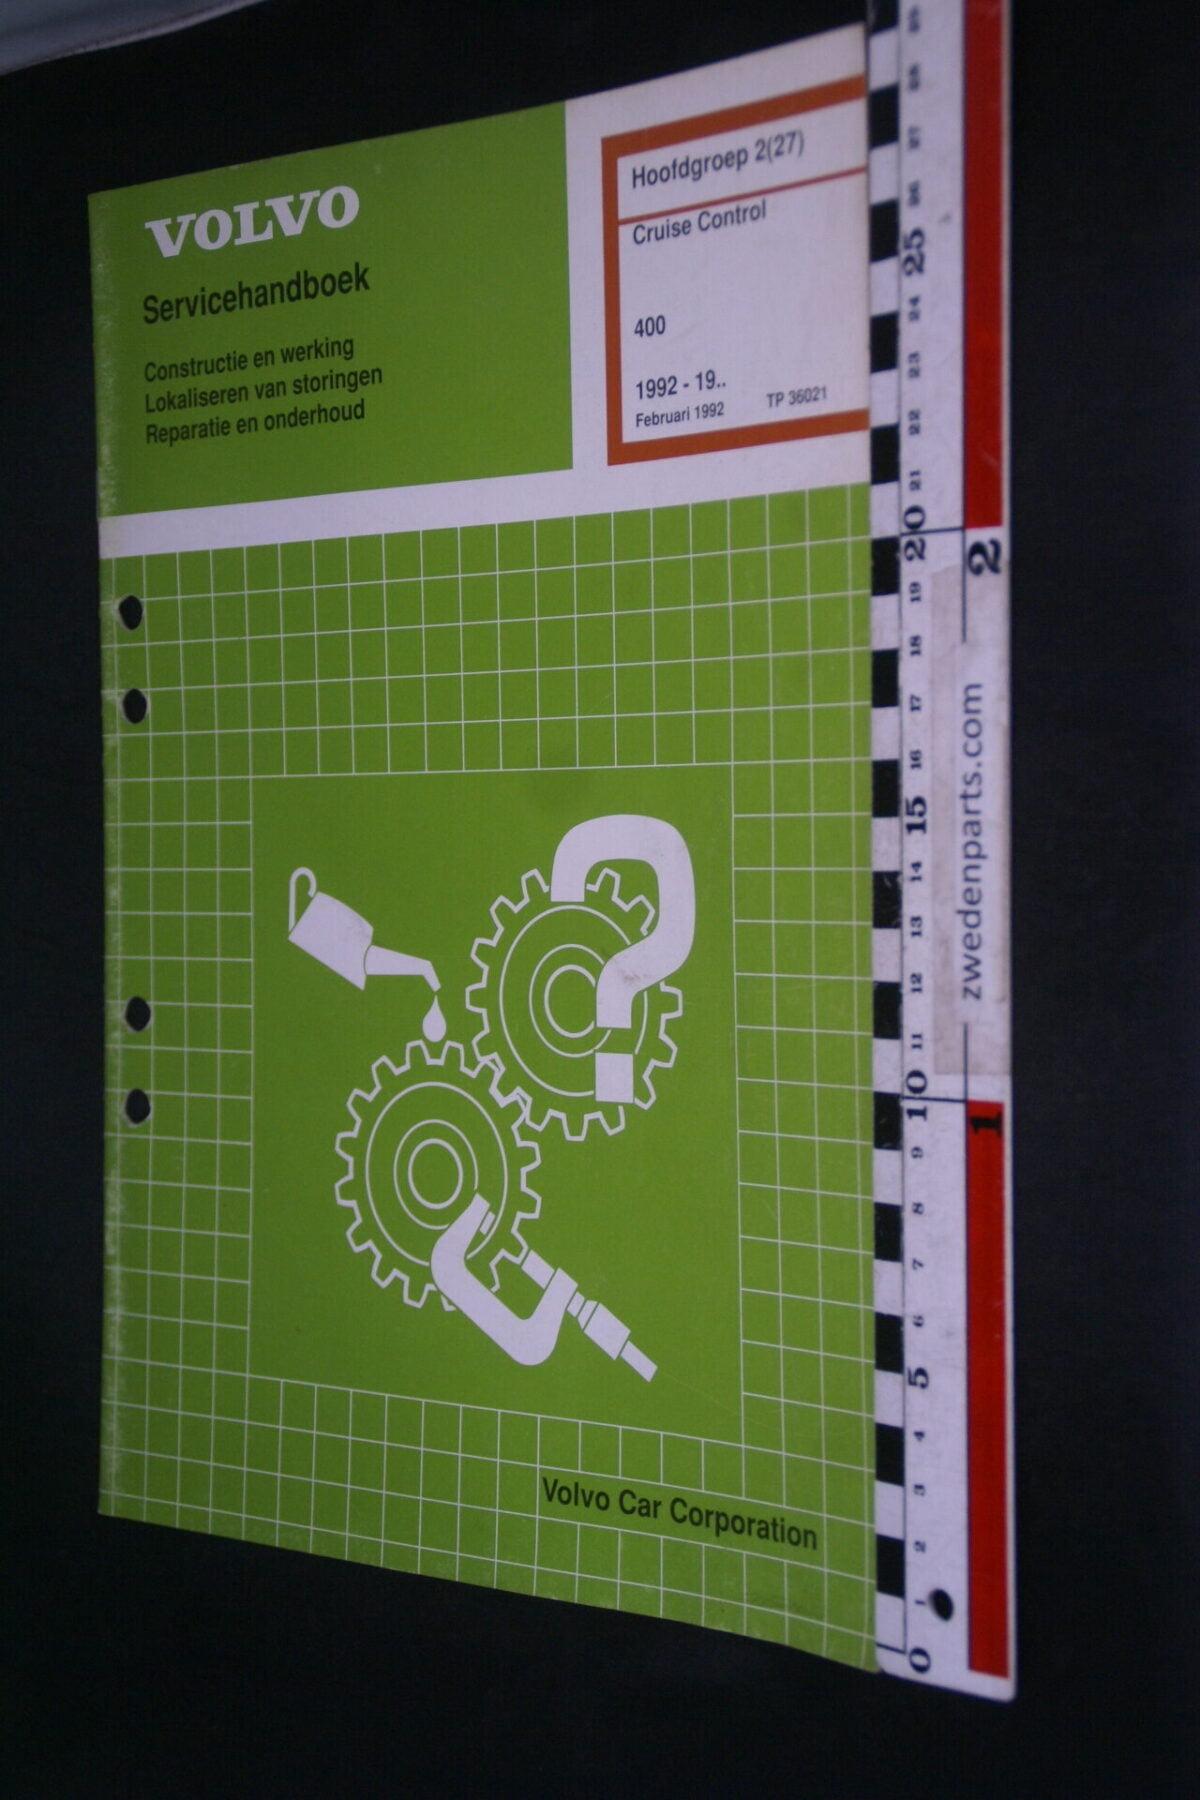 DSC09056 1992 origineel  Volvo 480 servicehandboek cruise control 2 (27) 1 van 1.000 nr TP 36021